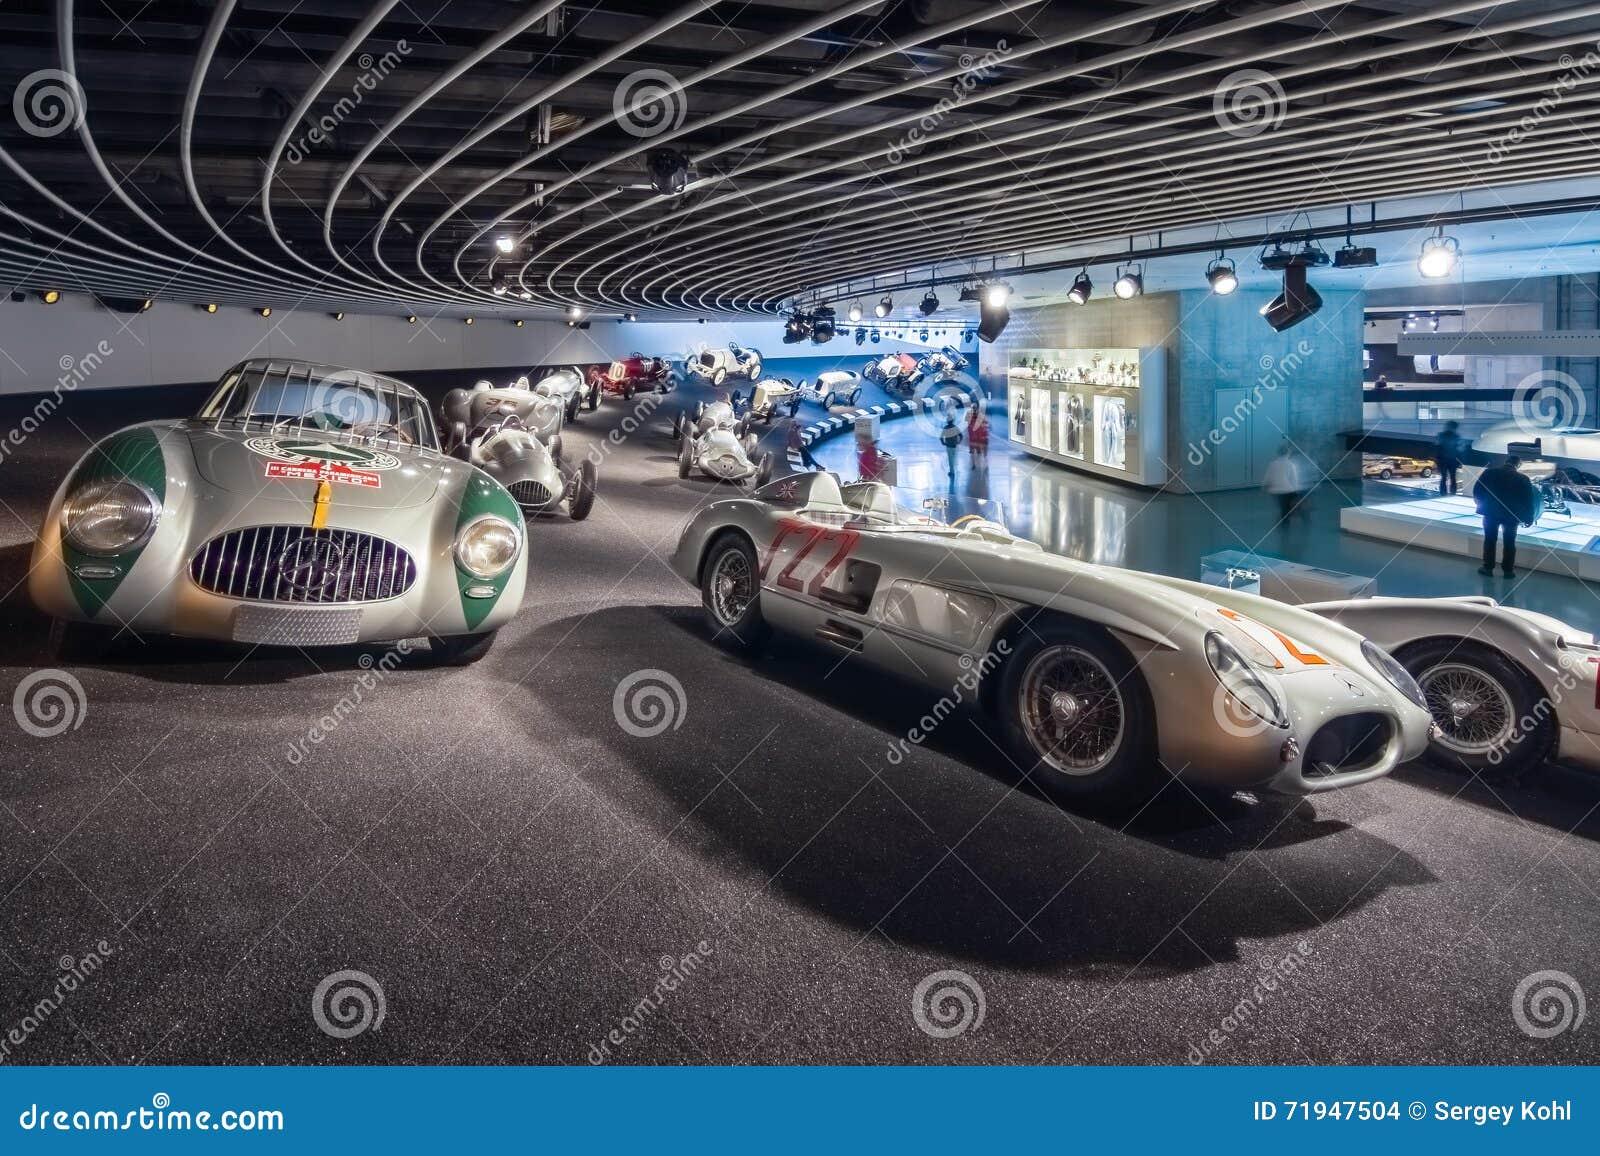 Галерея спорт и гоночные автомобили различных классов